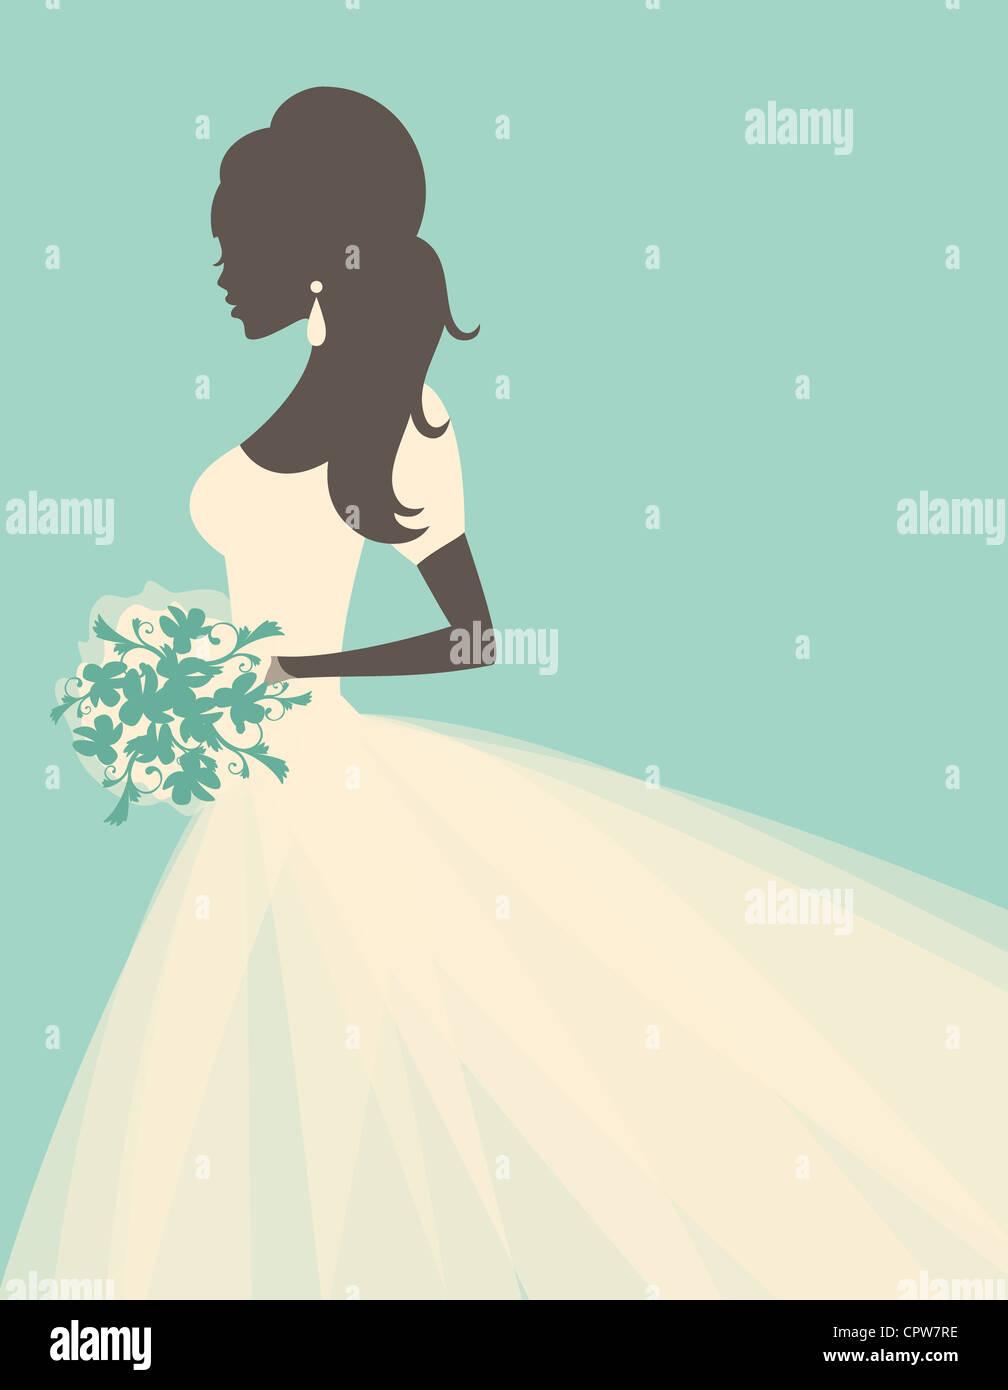 Ilustración de una hermosa novia sosteniendo flores. Imagen De Stock